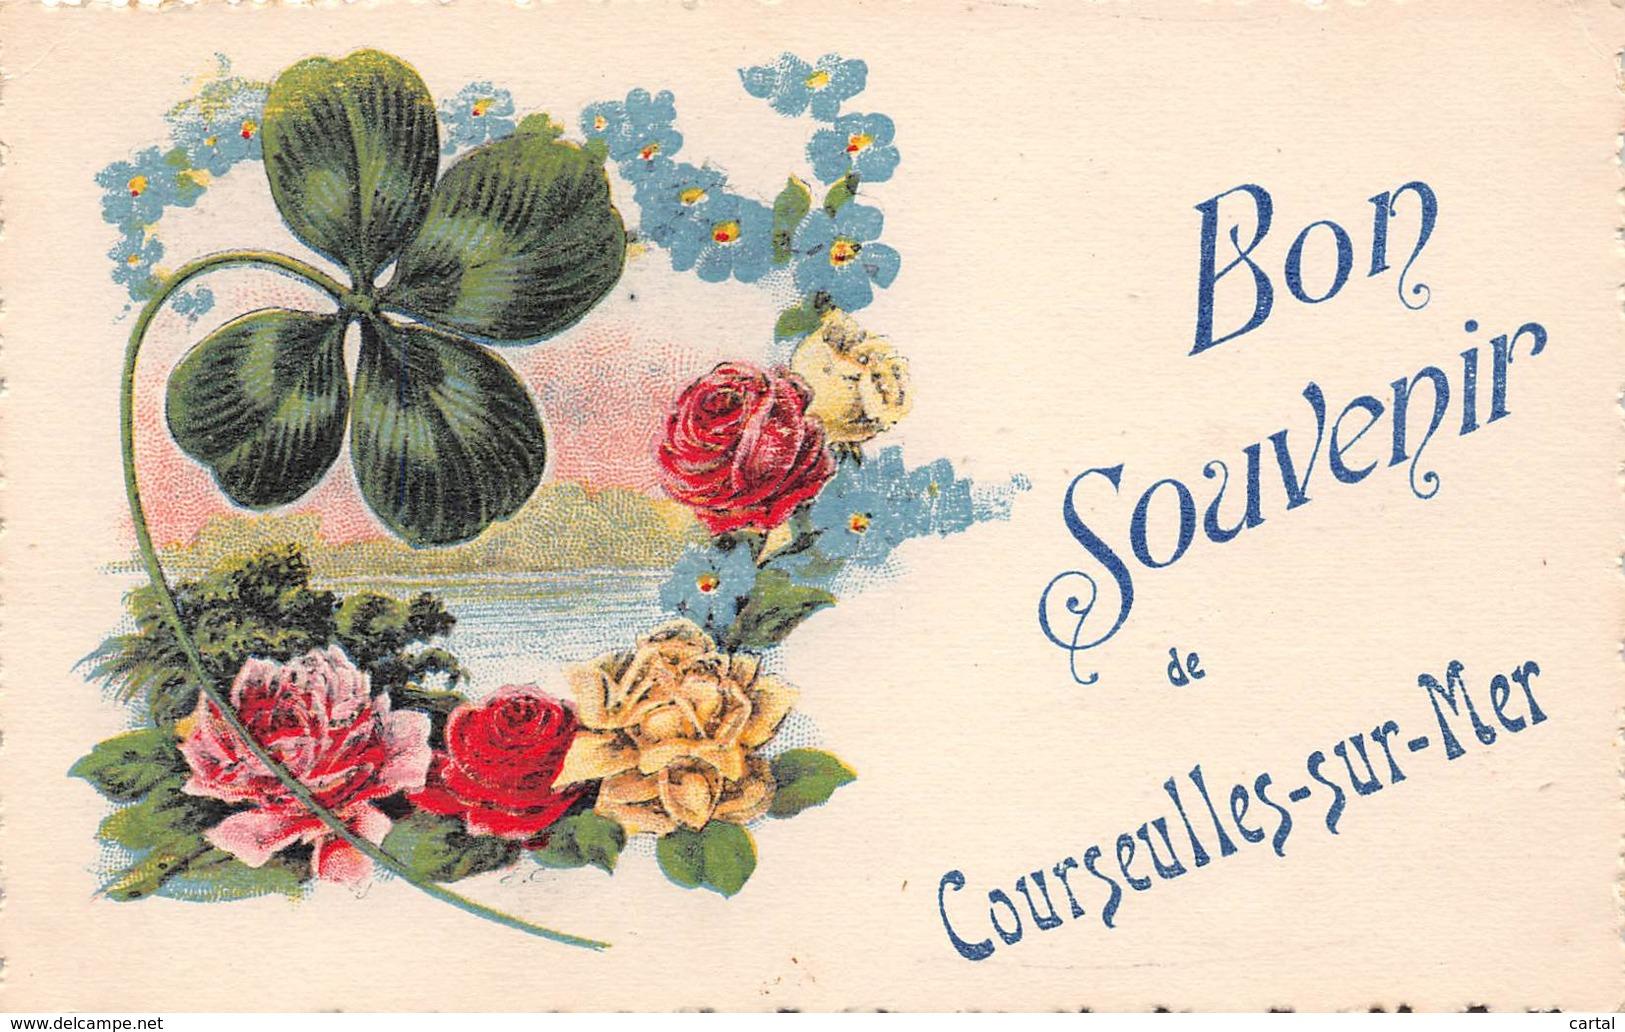 14 - Bon Souvenir De COURSEULLES-sur-MER - Courseulles-sur-Mer